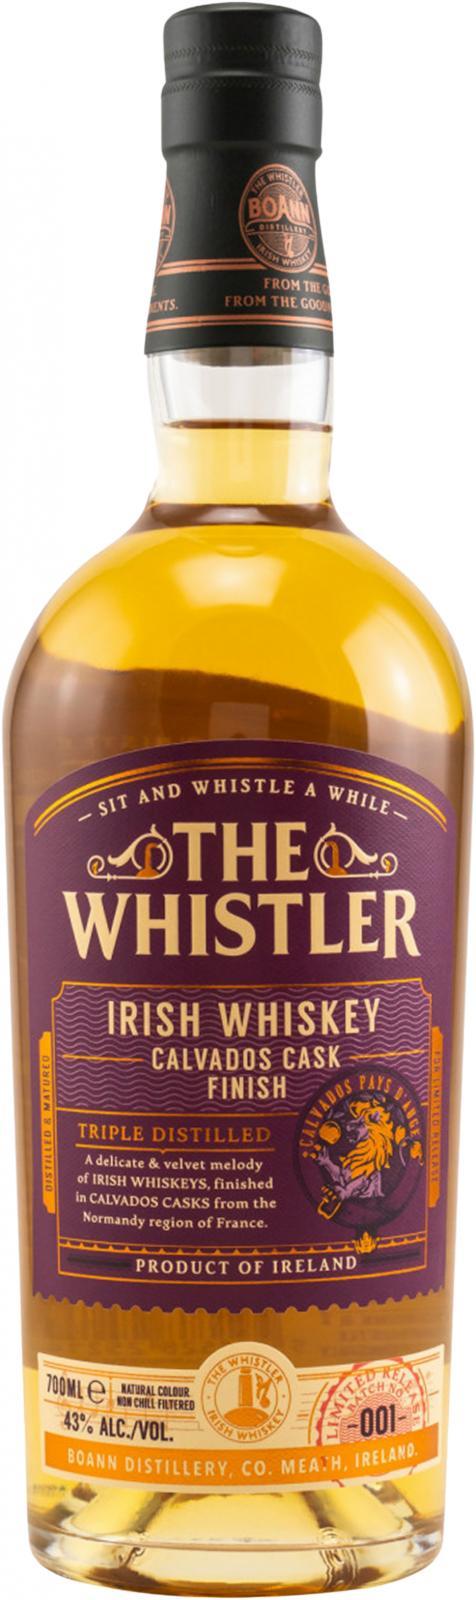 The Whistler Calvados Cask Finish BoD